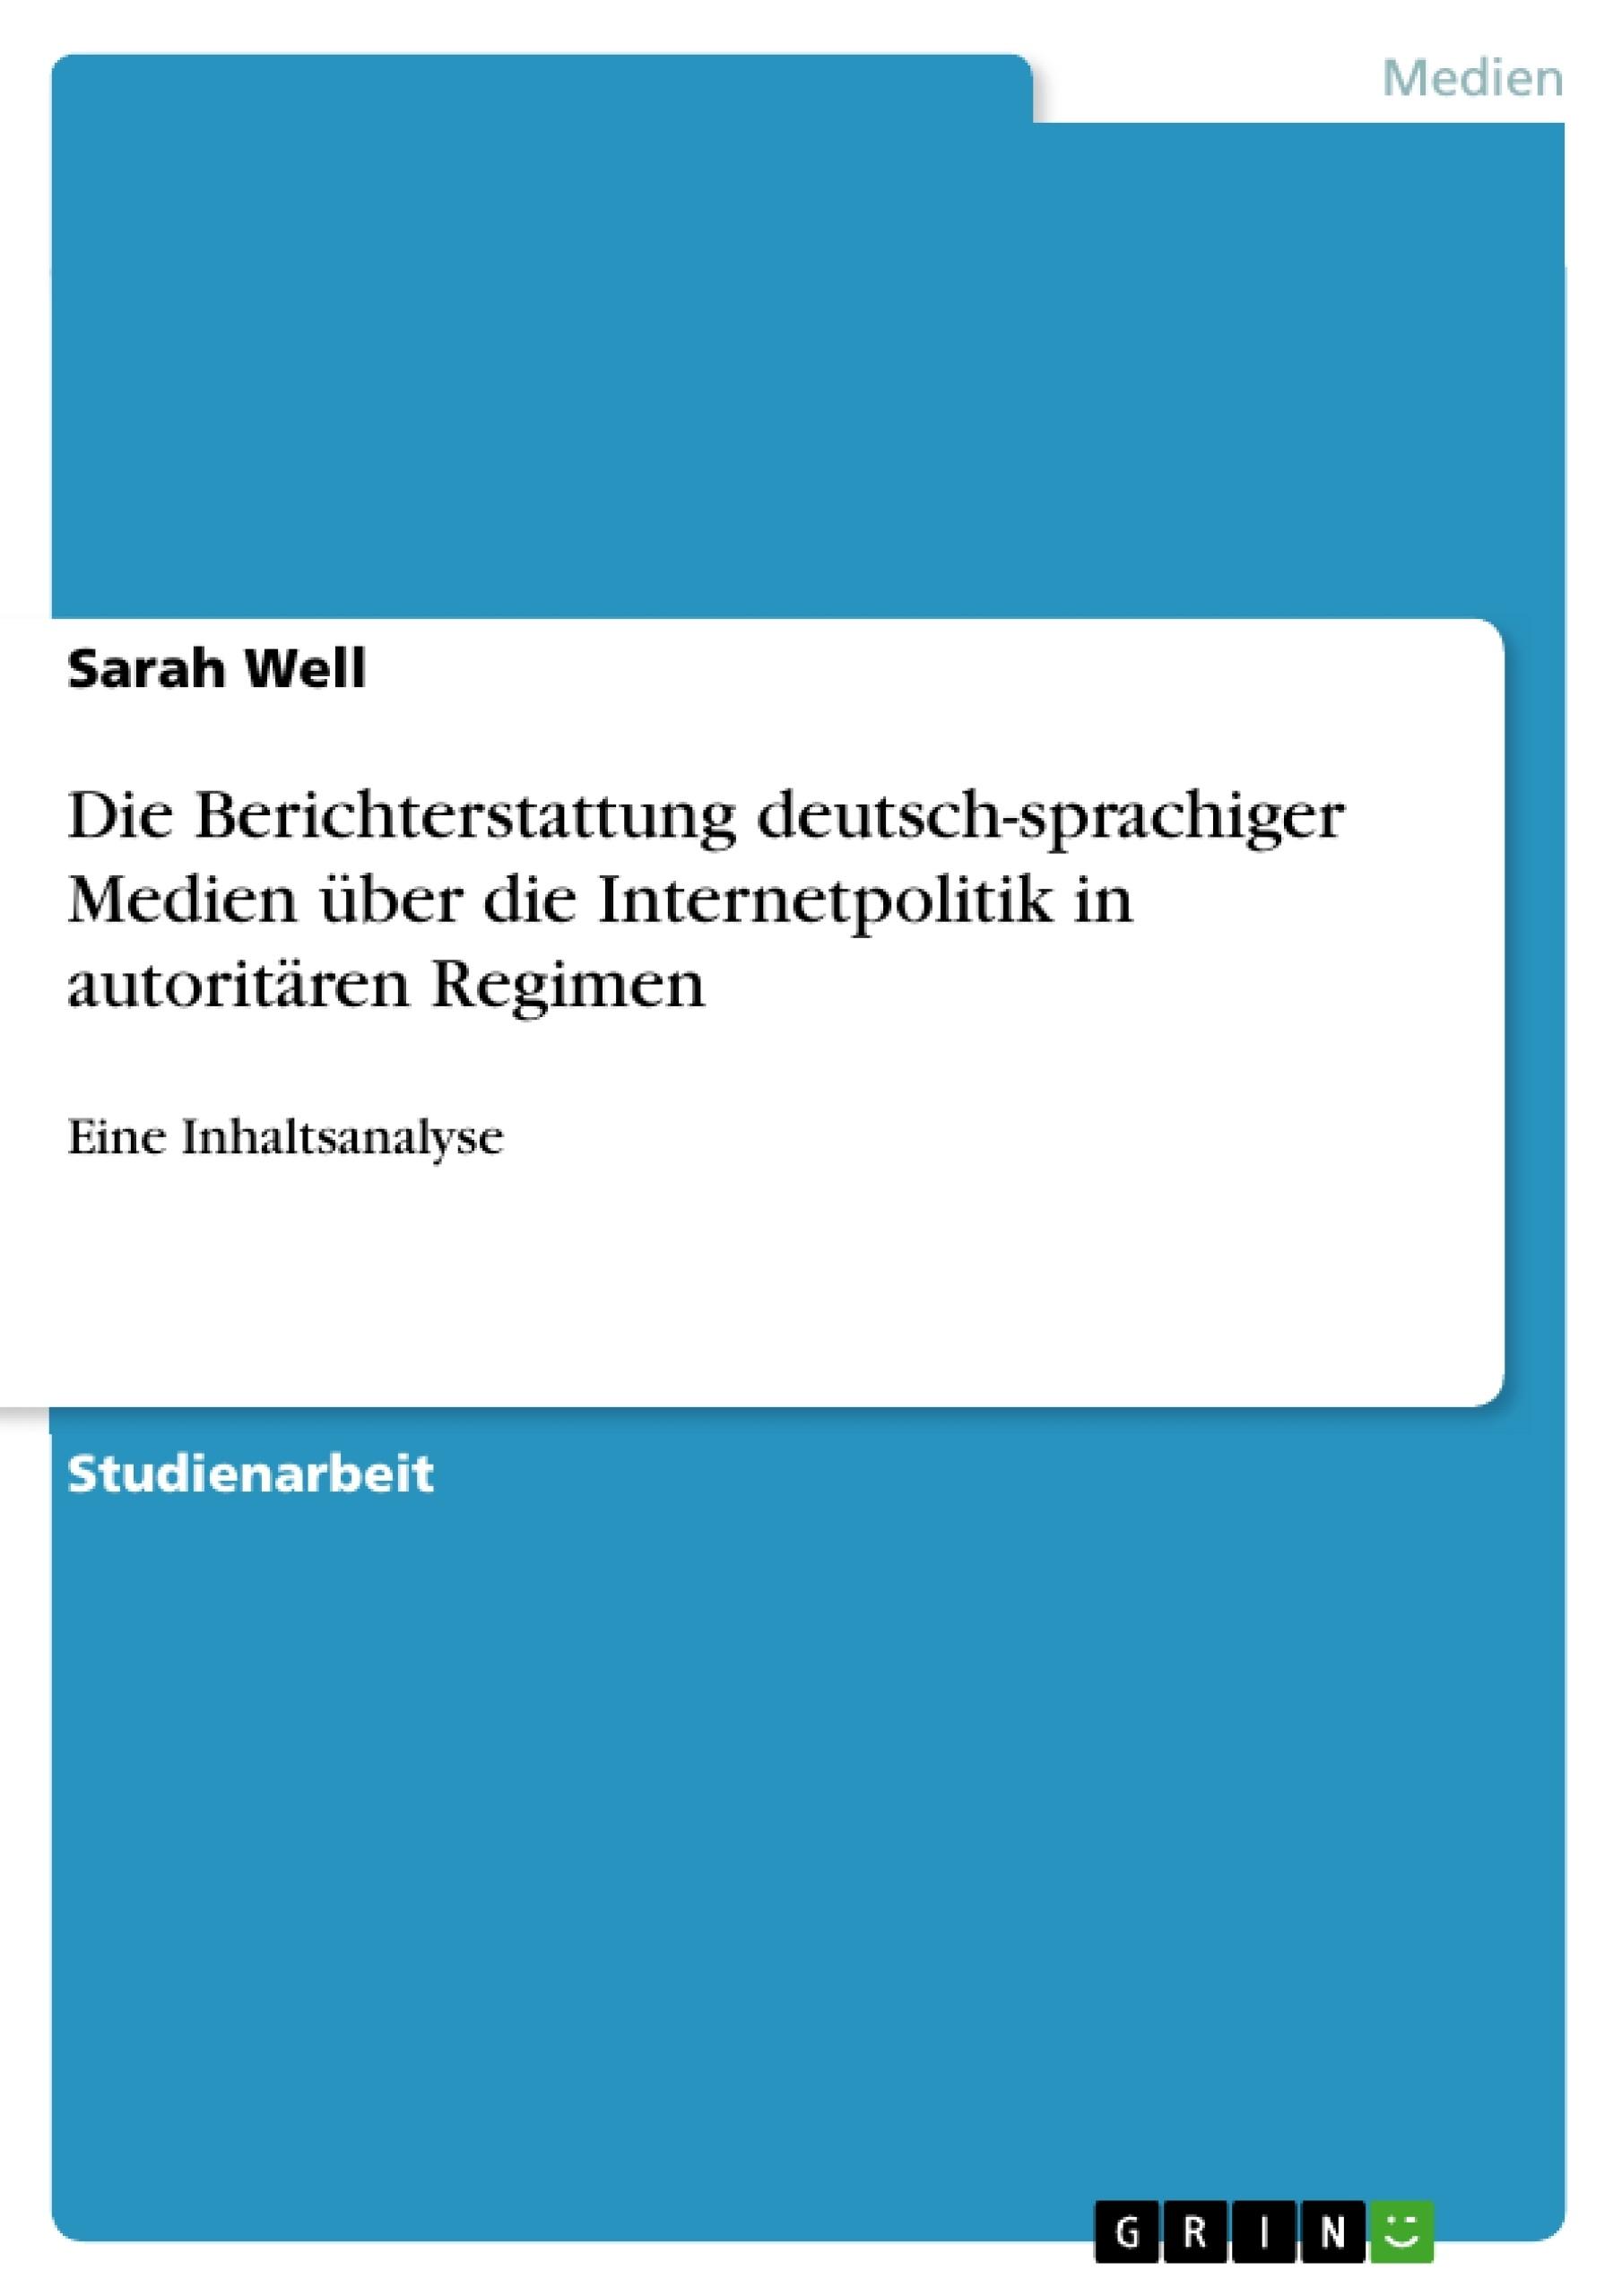 Titel: Die Berichterstattung deutsch-sprachiger Medien über die Internetpolitik in autoritären Regimen